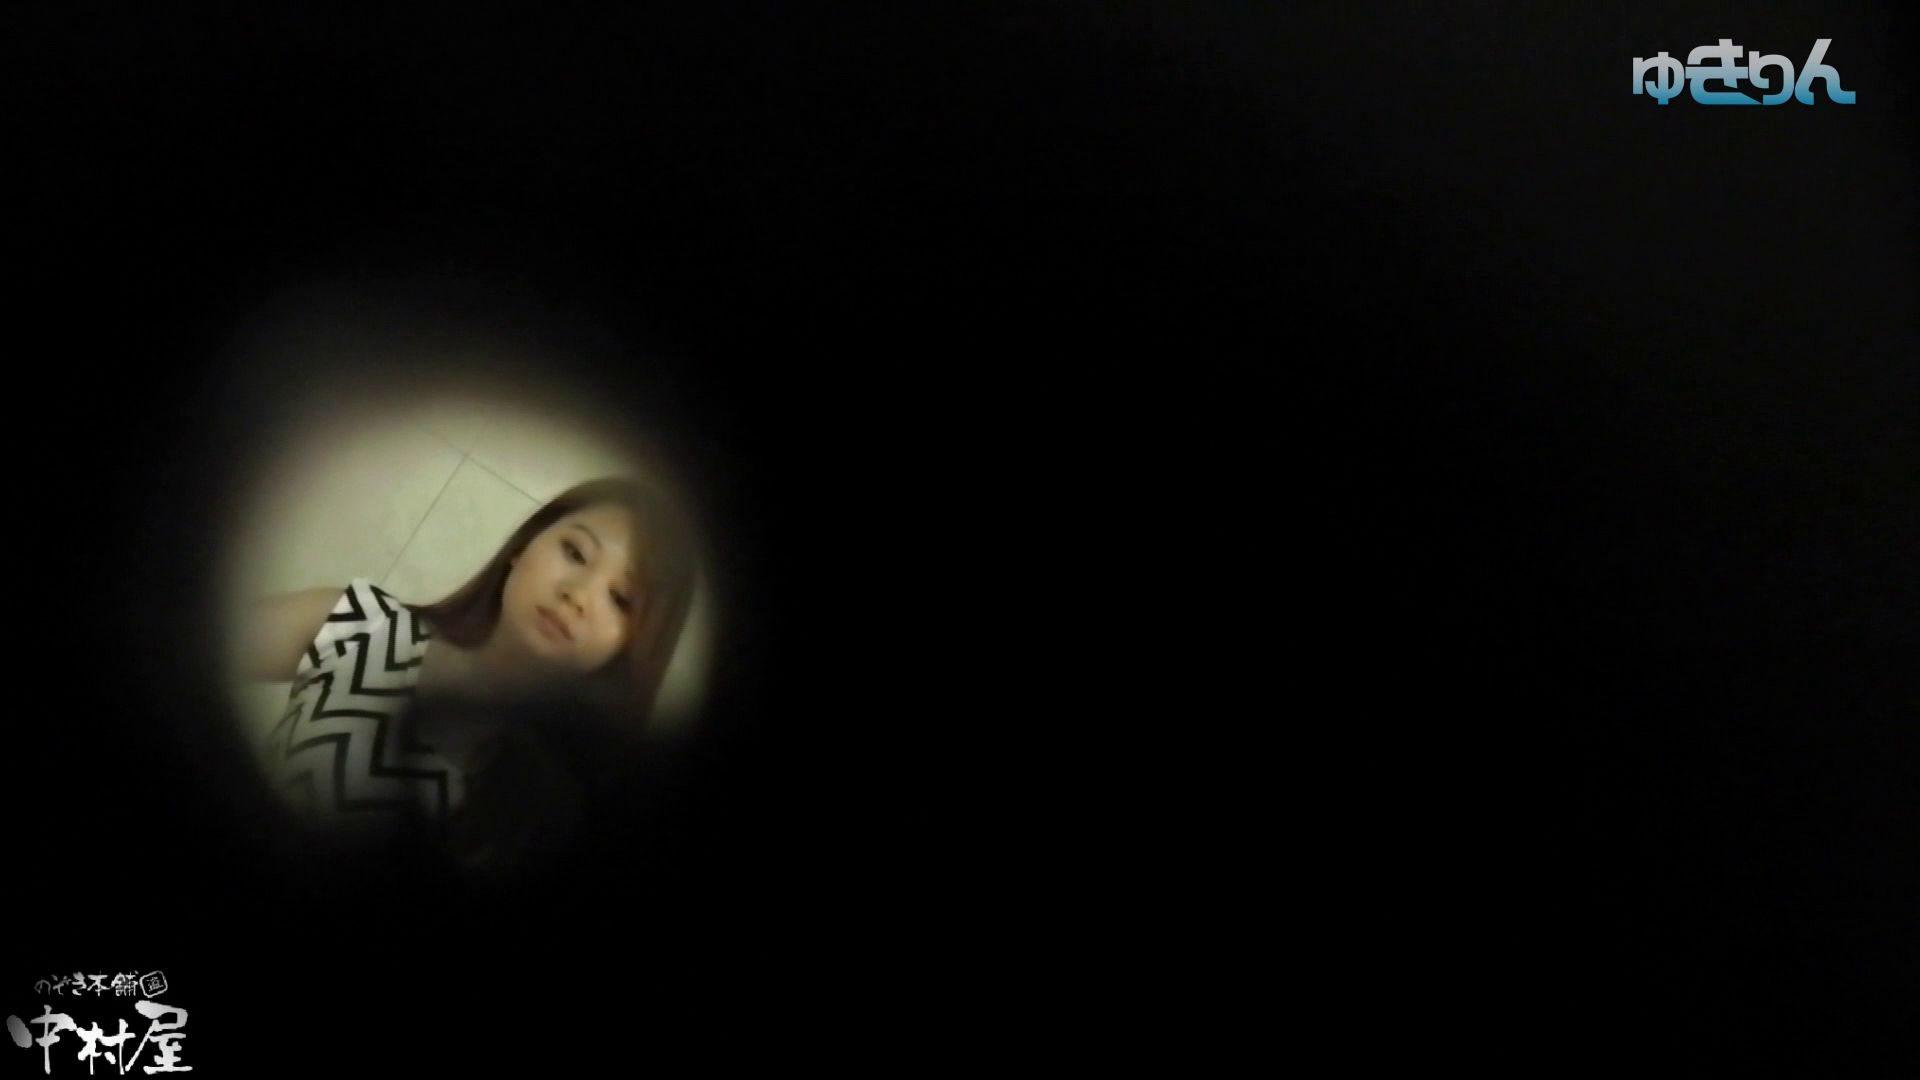 【世界の射窓から~ステーション編~】ステーション編 vol54 便秘のせいで長蛇の列、じっくり撮らせて頂きました OLハメ撮り  30Pix 6